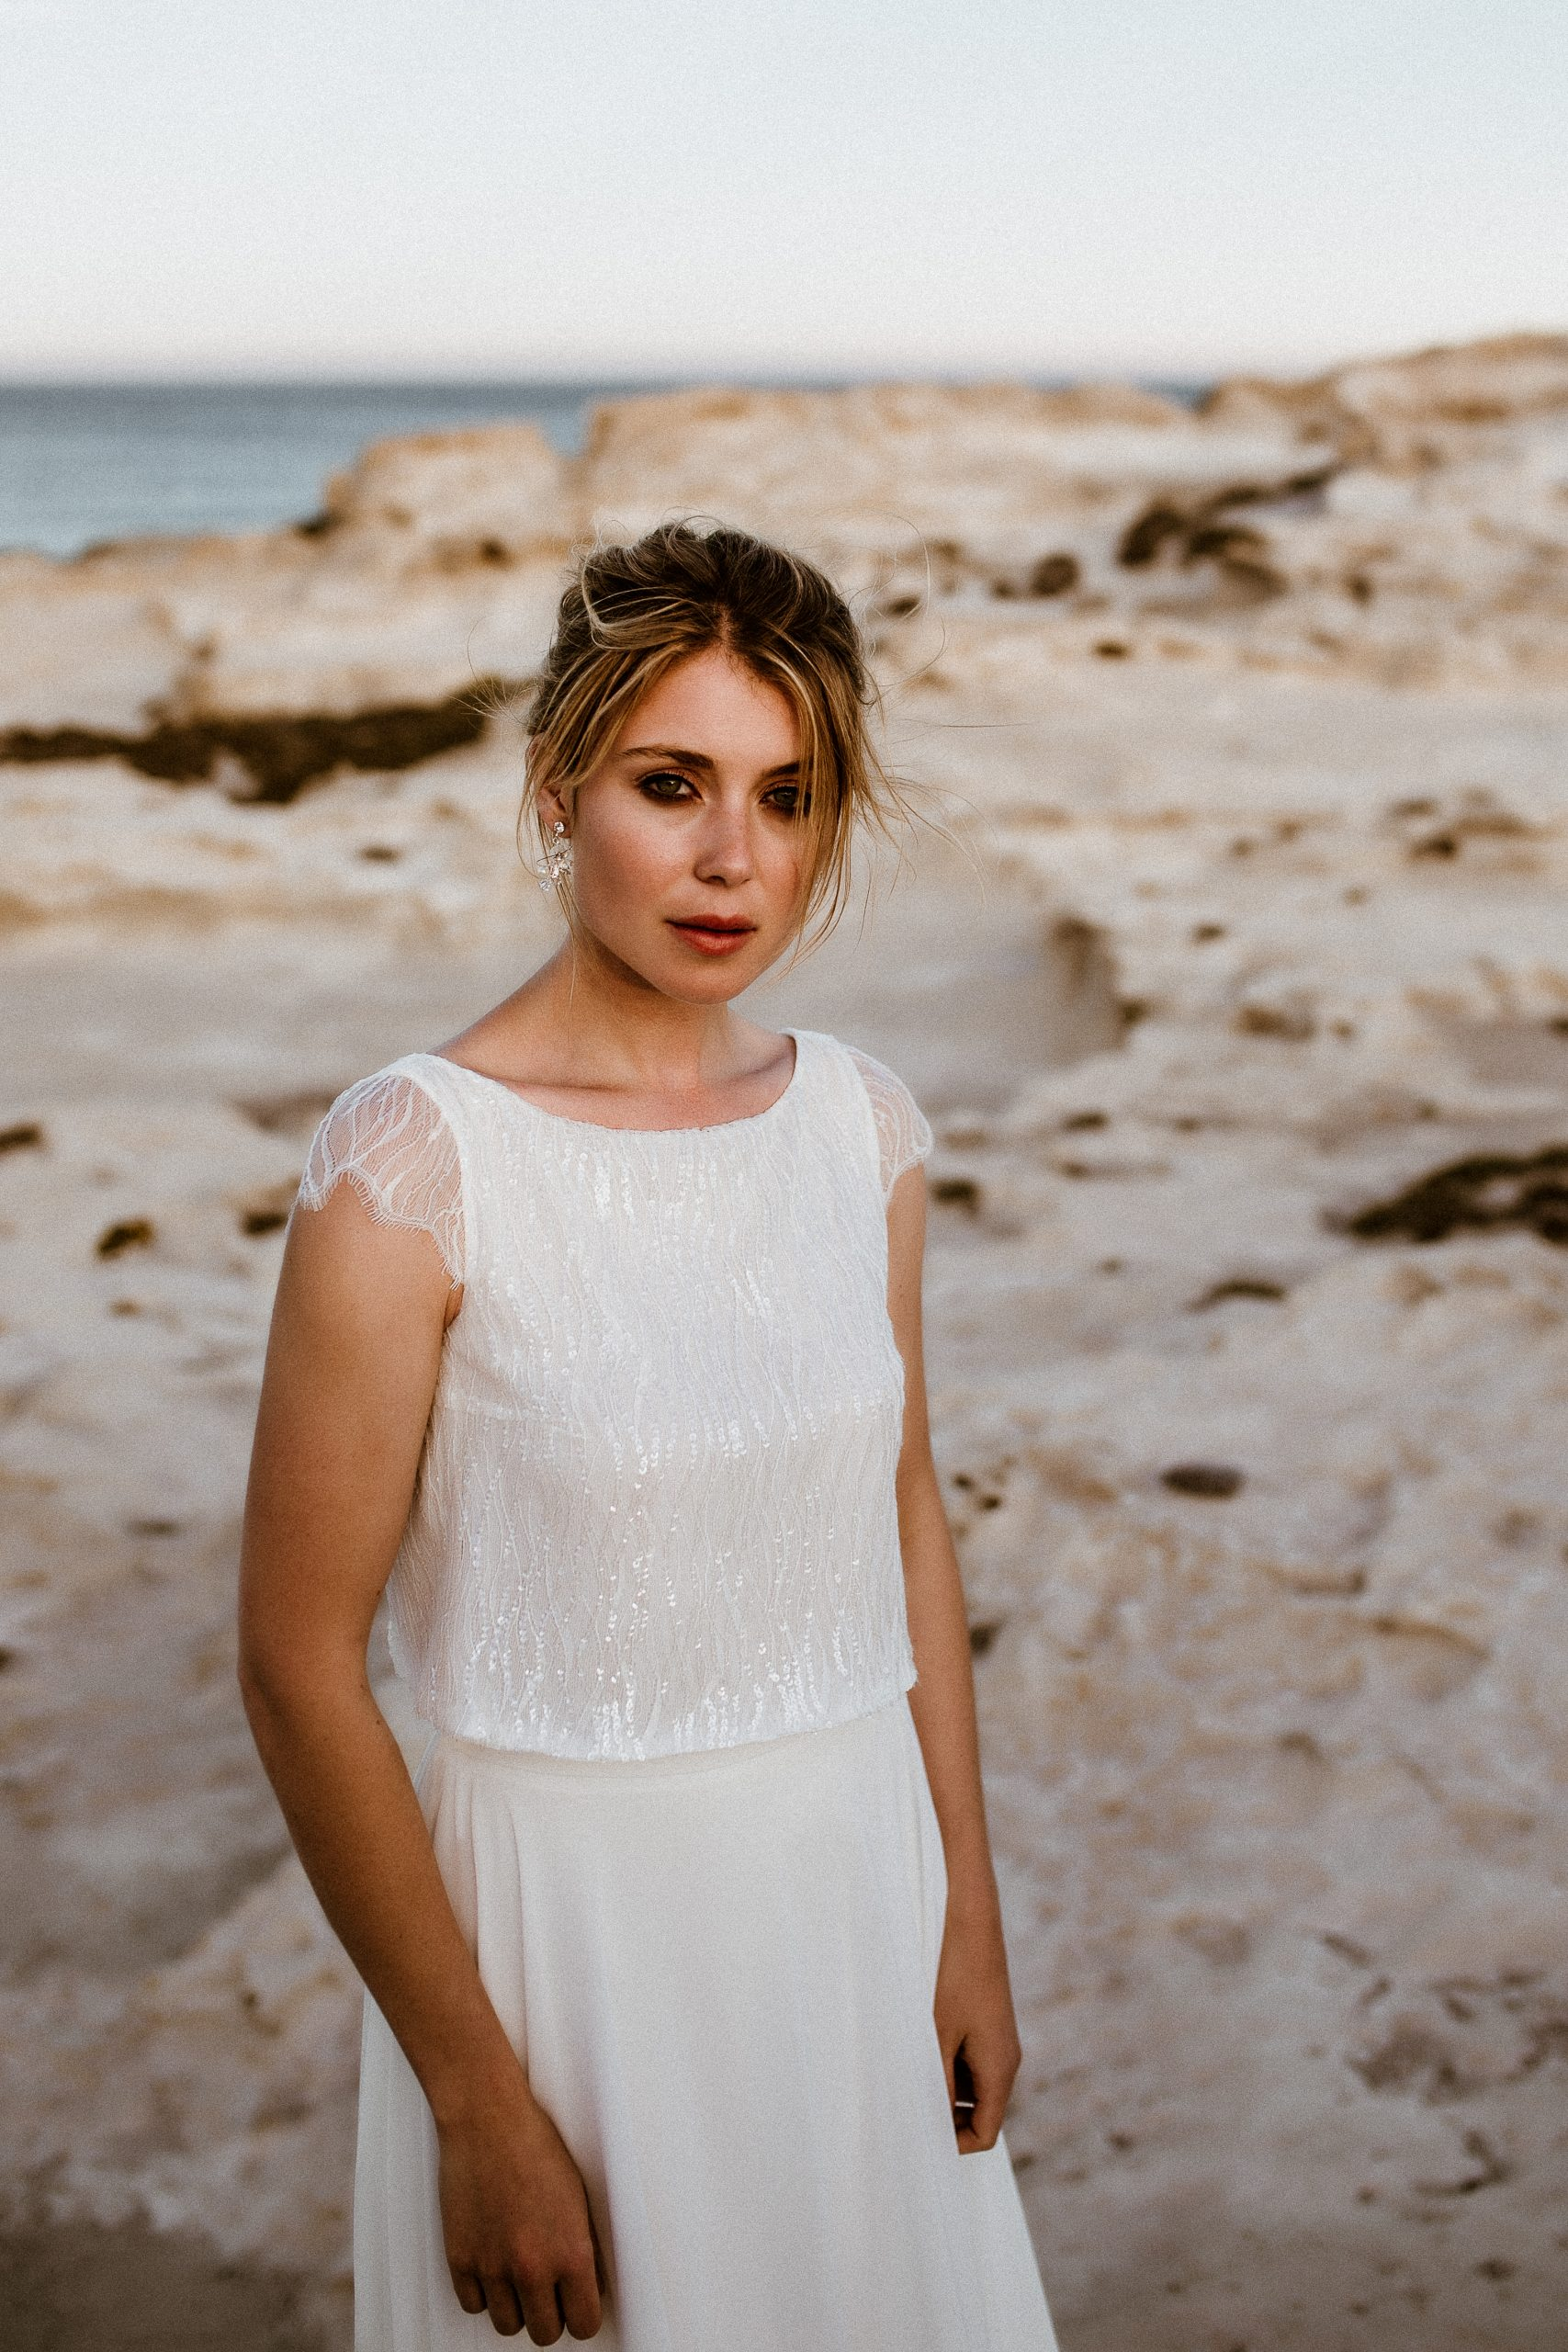 noni kurzärmeliges Hochzeitskleid mit Pailletten und Chiffonrock